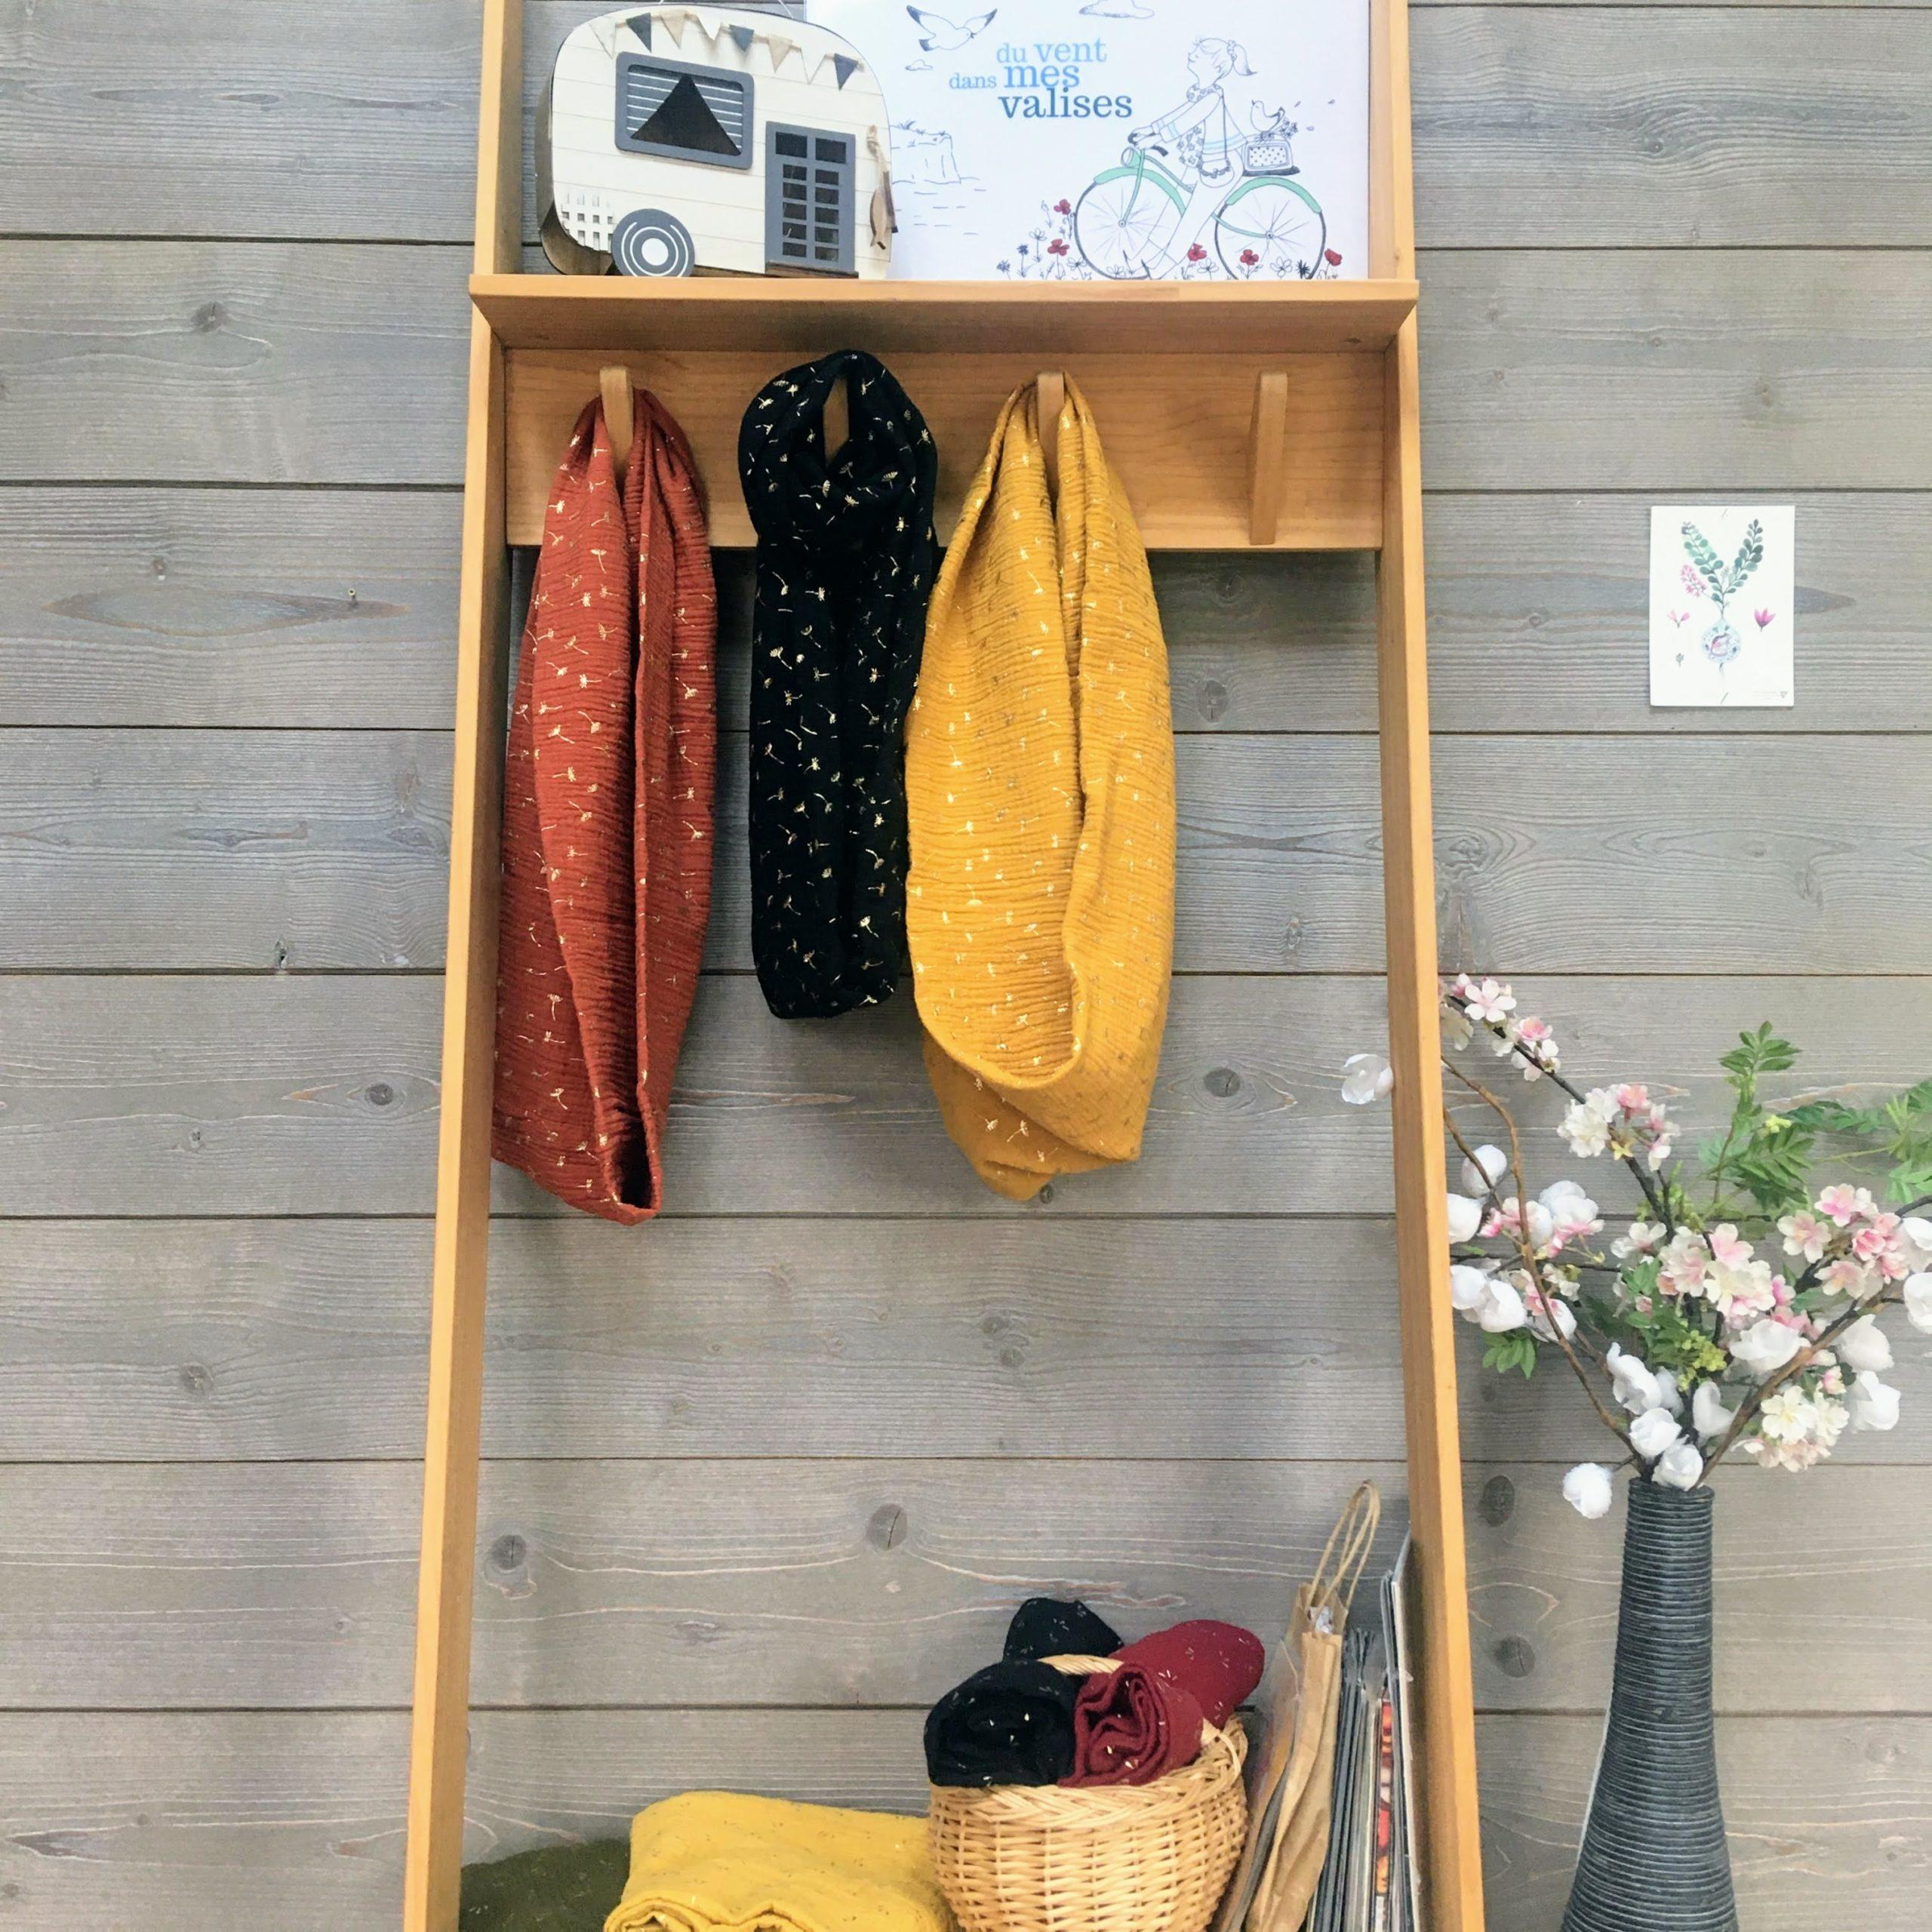 du vent dans mes valises - snood si doux légers comme des graminées avec des fleurs de pissenlits dorées en double gaze de coton made in France